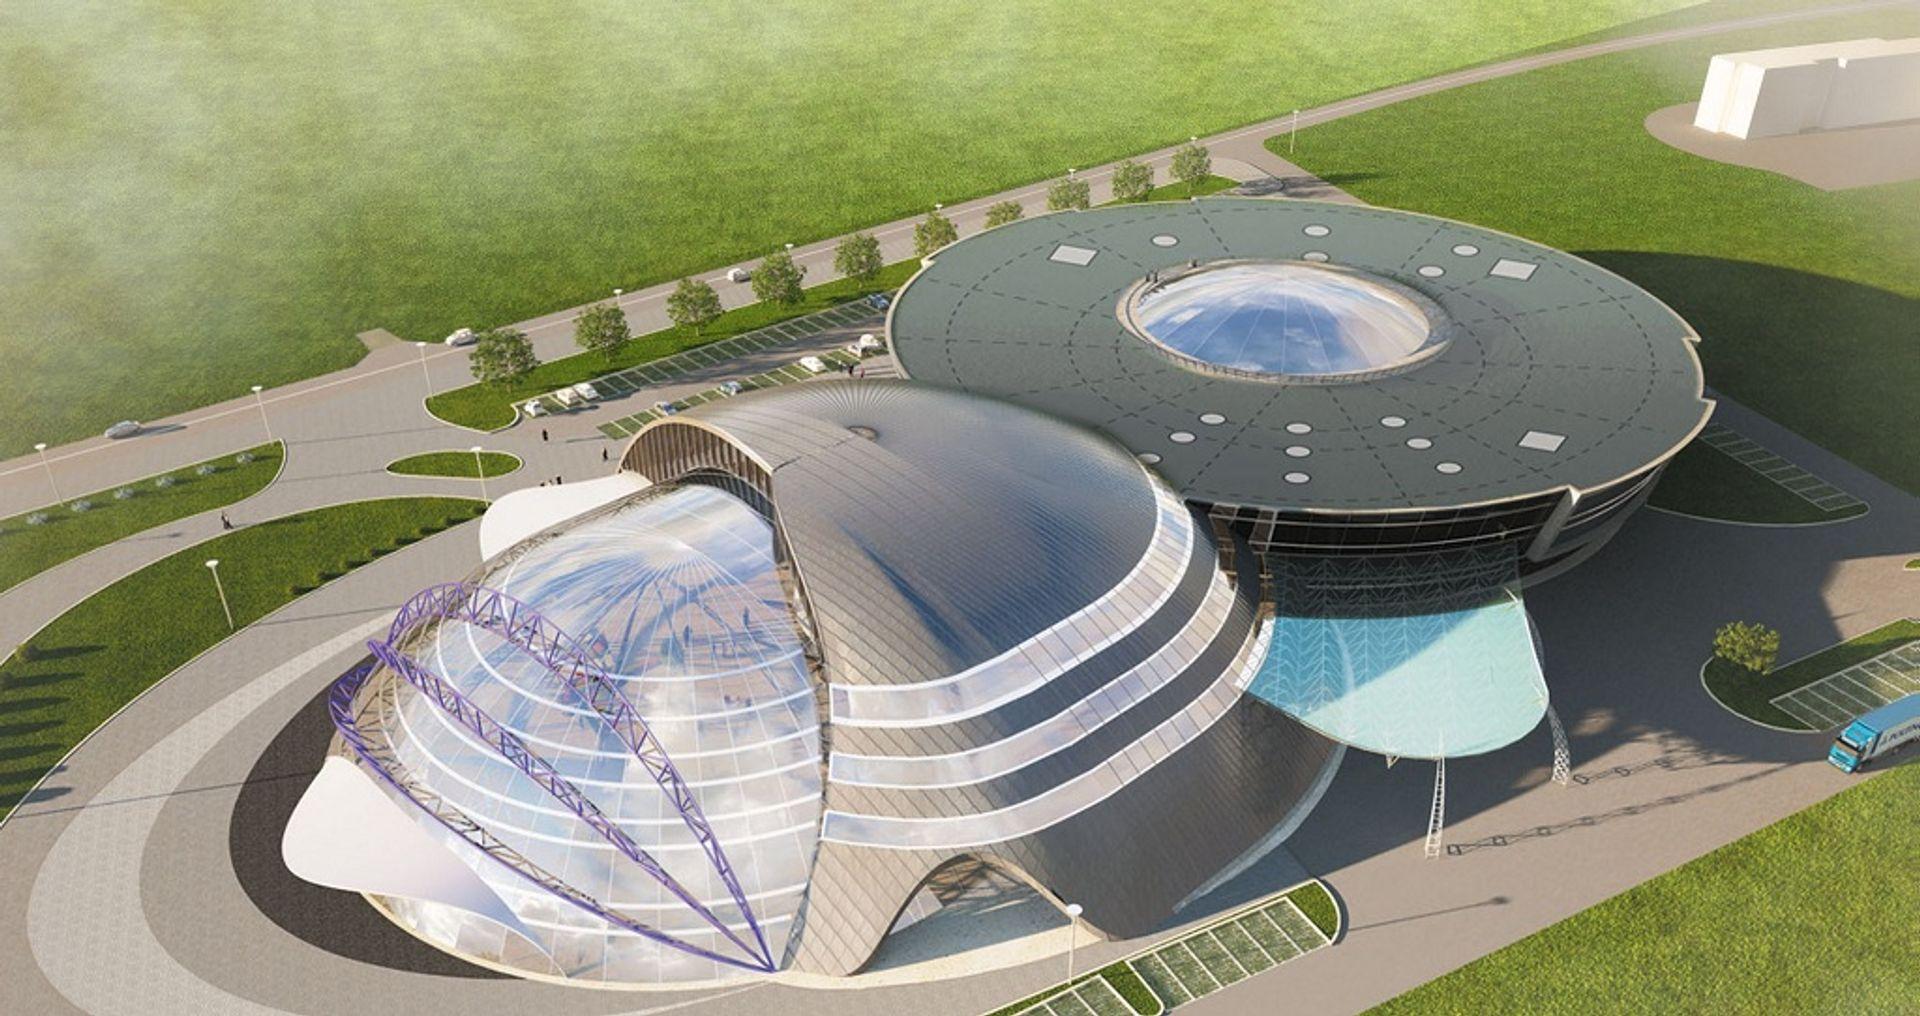 [podkarpackie] W II połowie 2013 roku ruszy budowa Centrum Wystawienniczo-Kongresowego Województwa Podkarpackiego